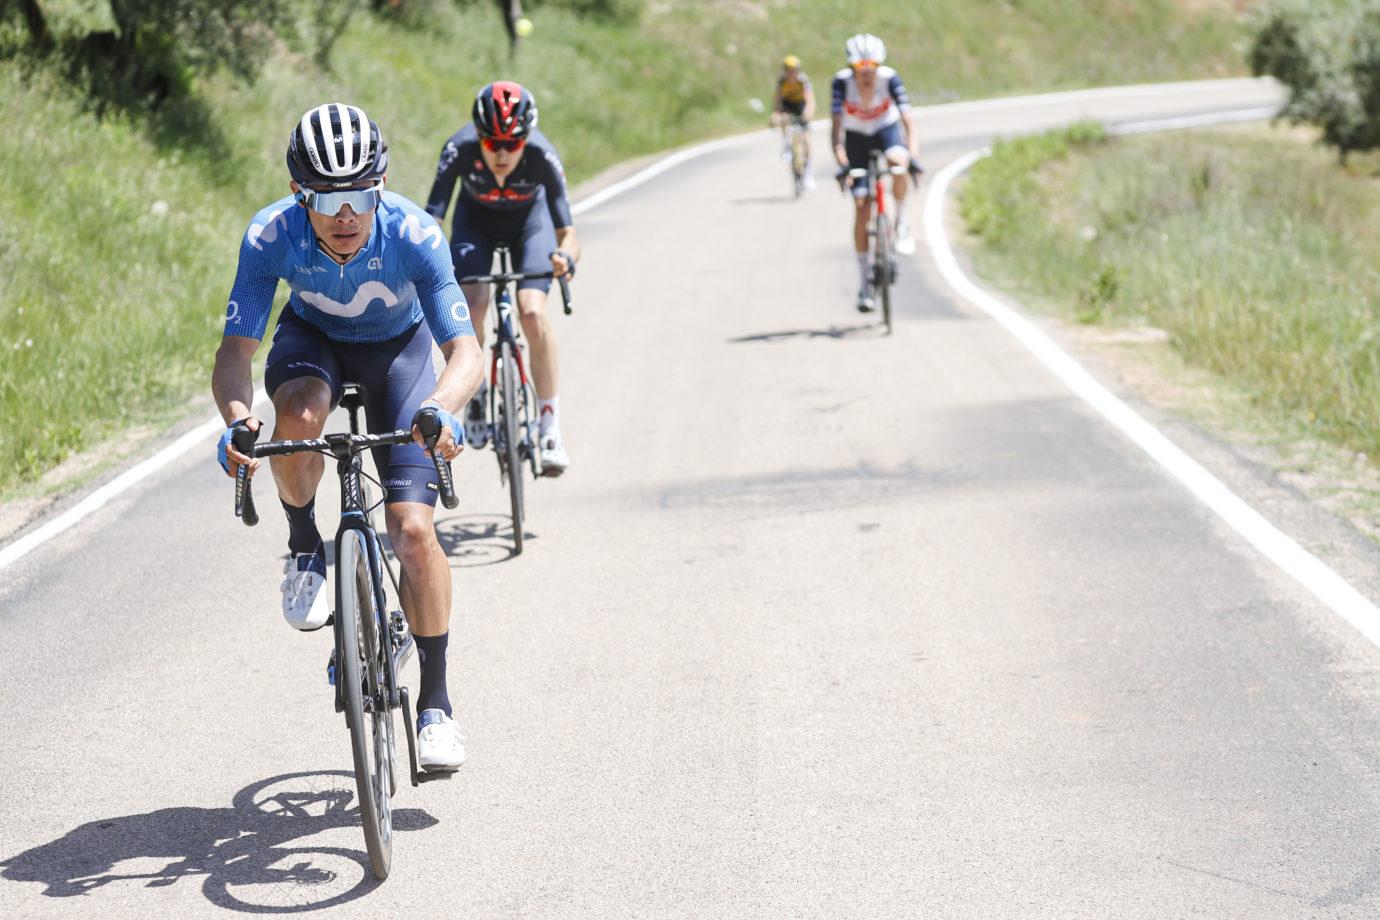 2021 Critérium du Dauphiné